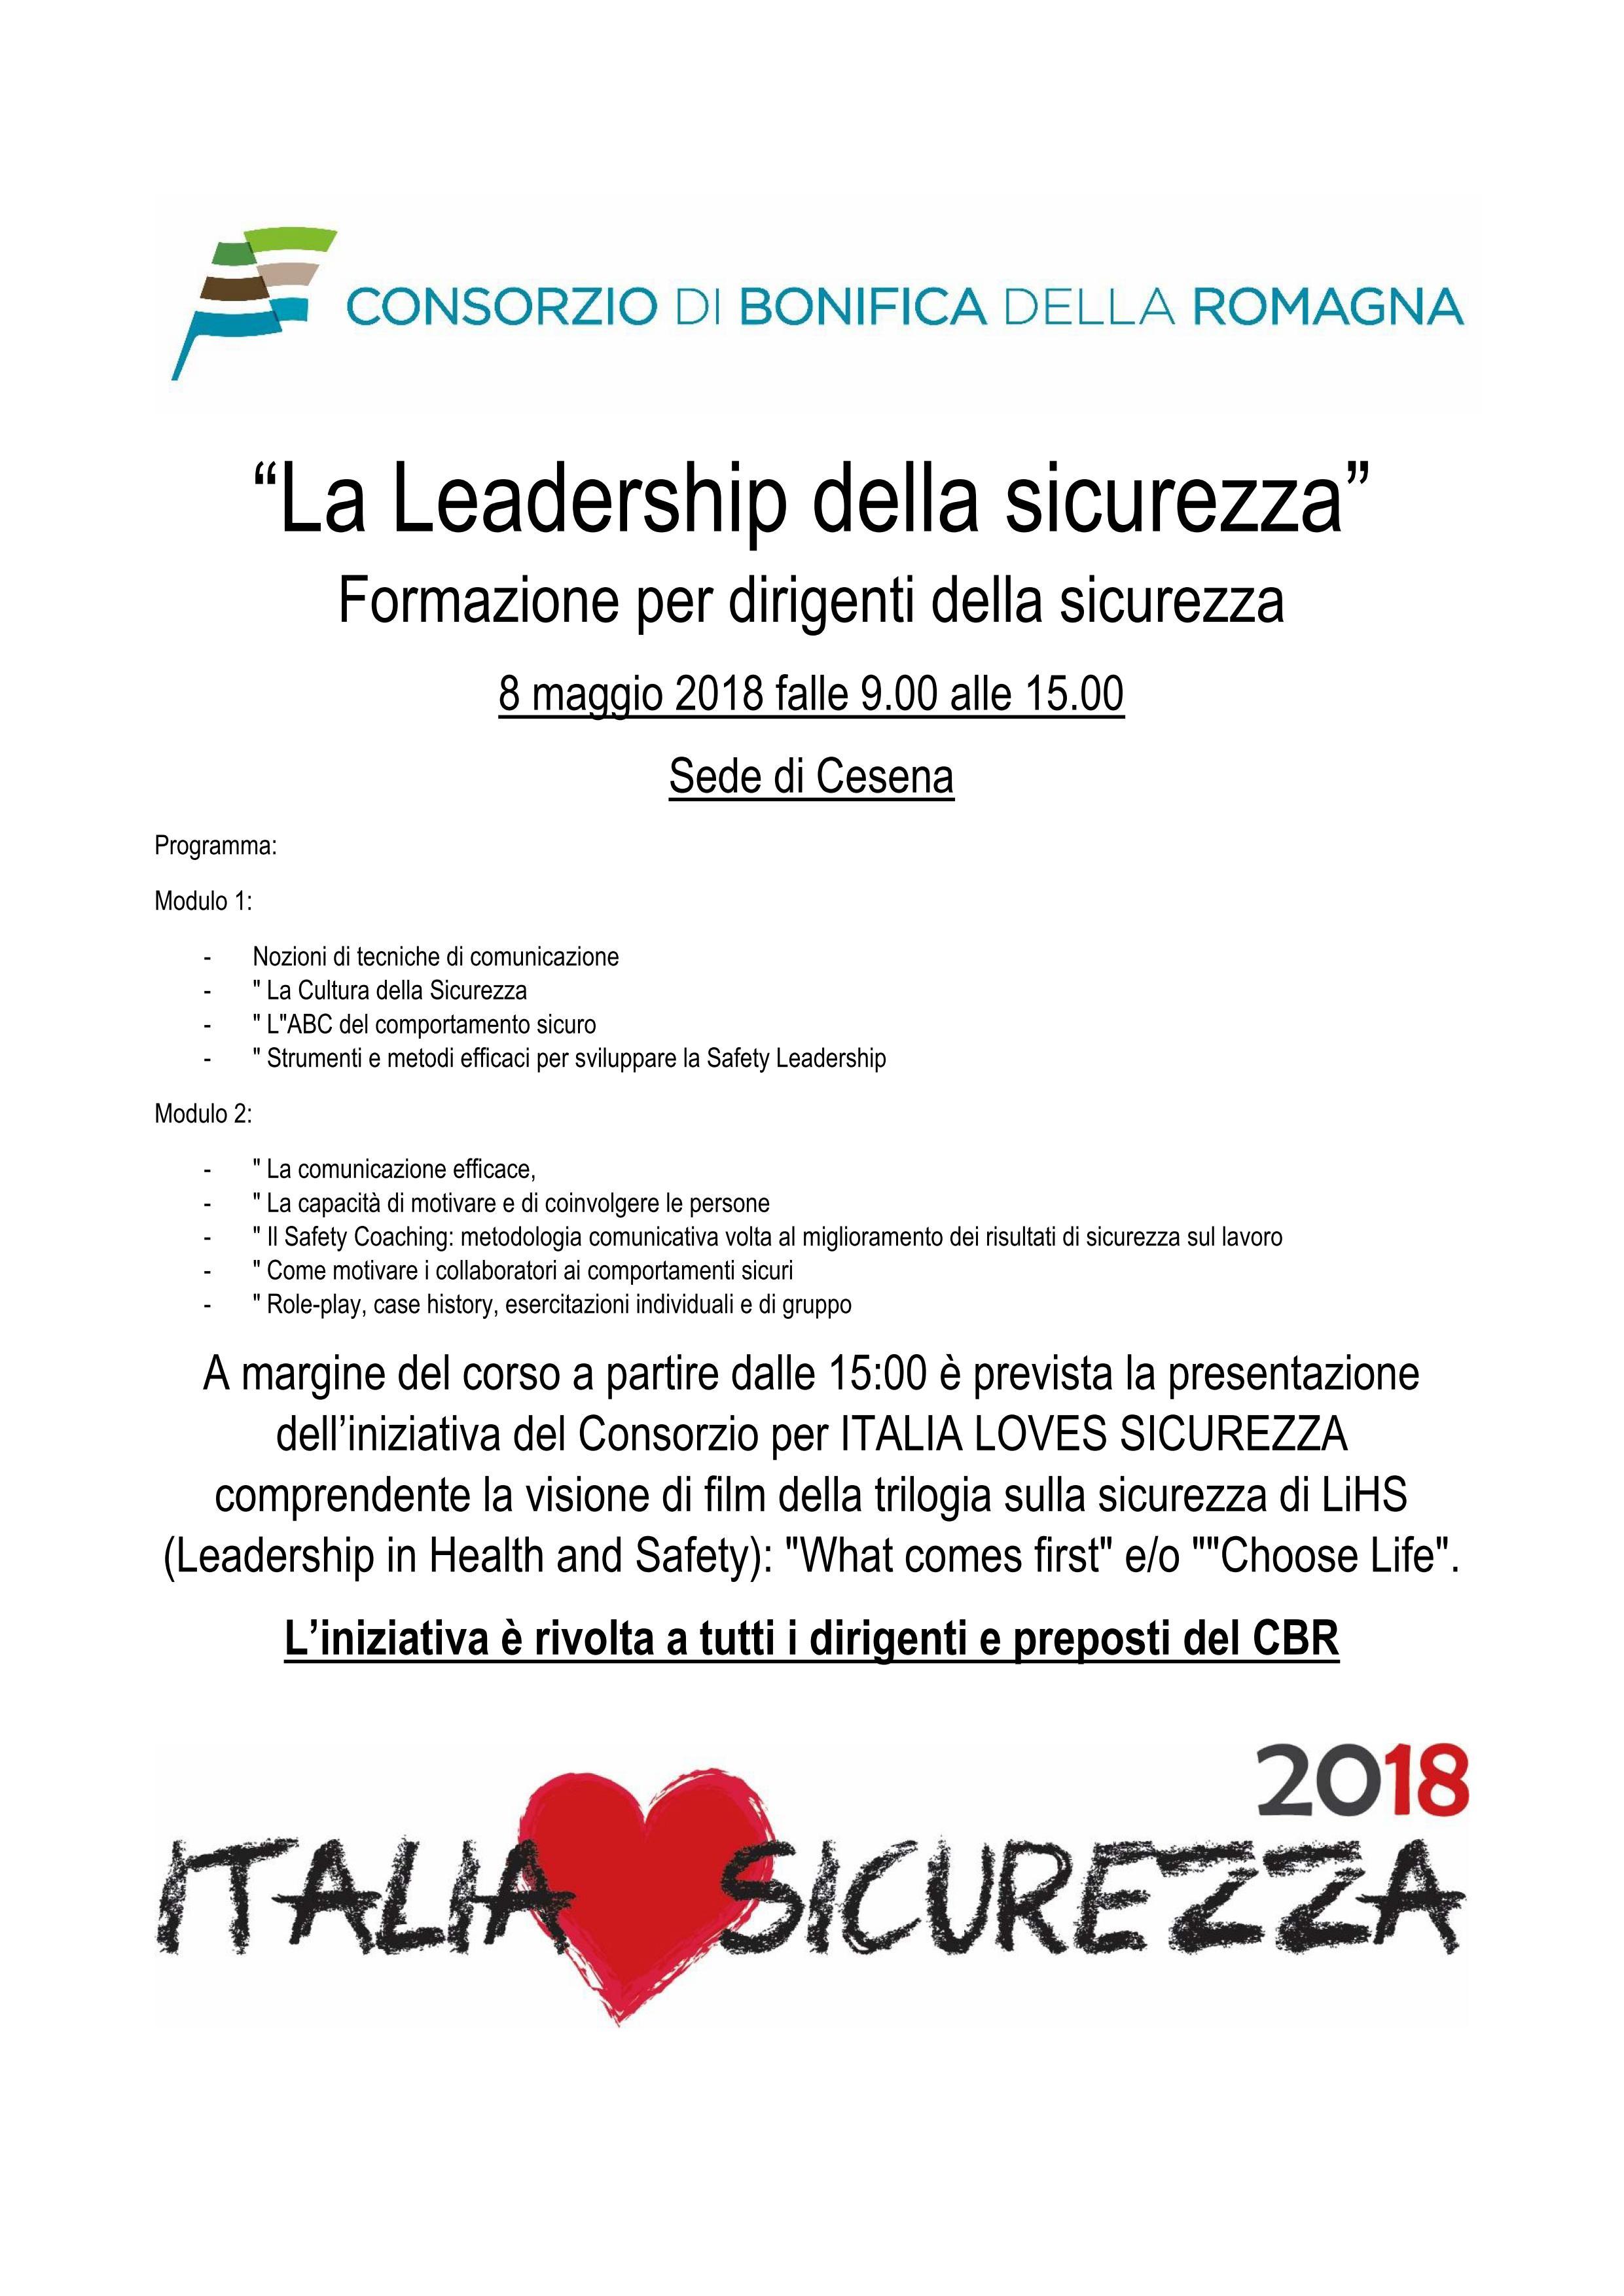 https://www.fondlhs.org/wp-content/uploads/2018/04/La-Leadership-della-sicurezza_01.jpg